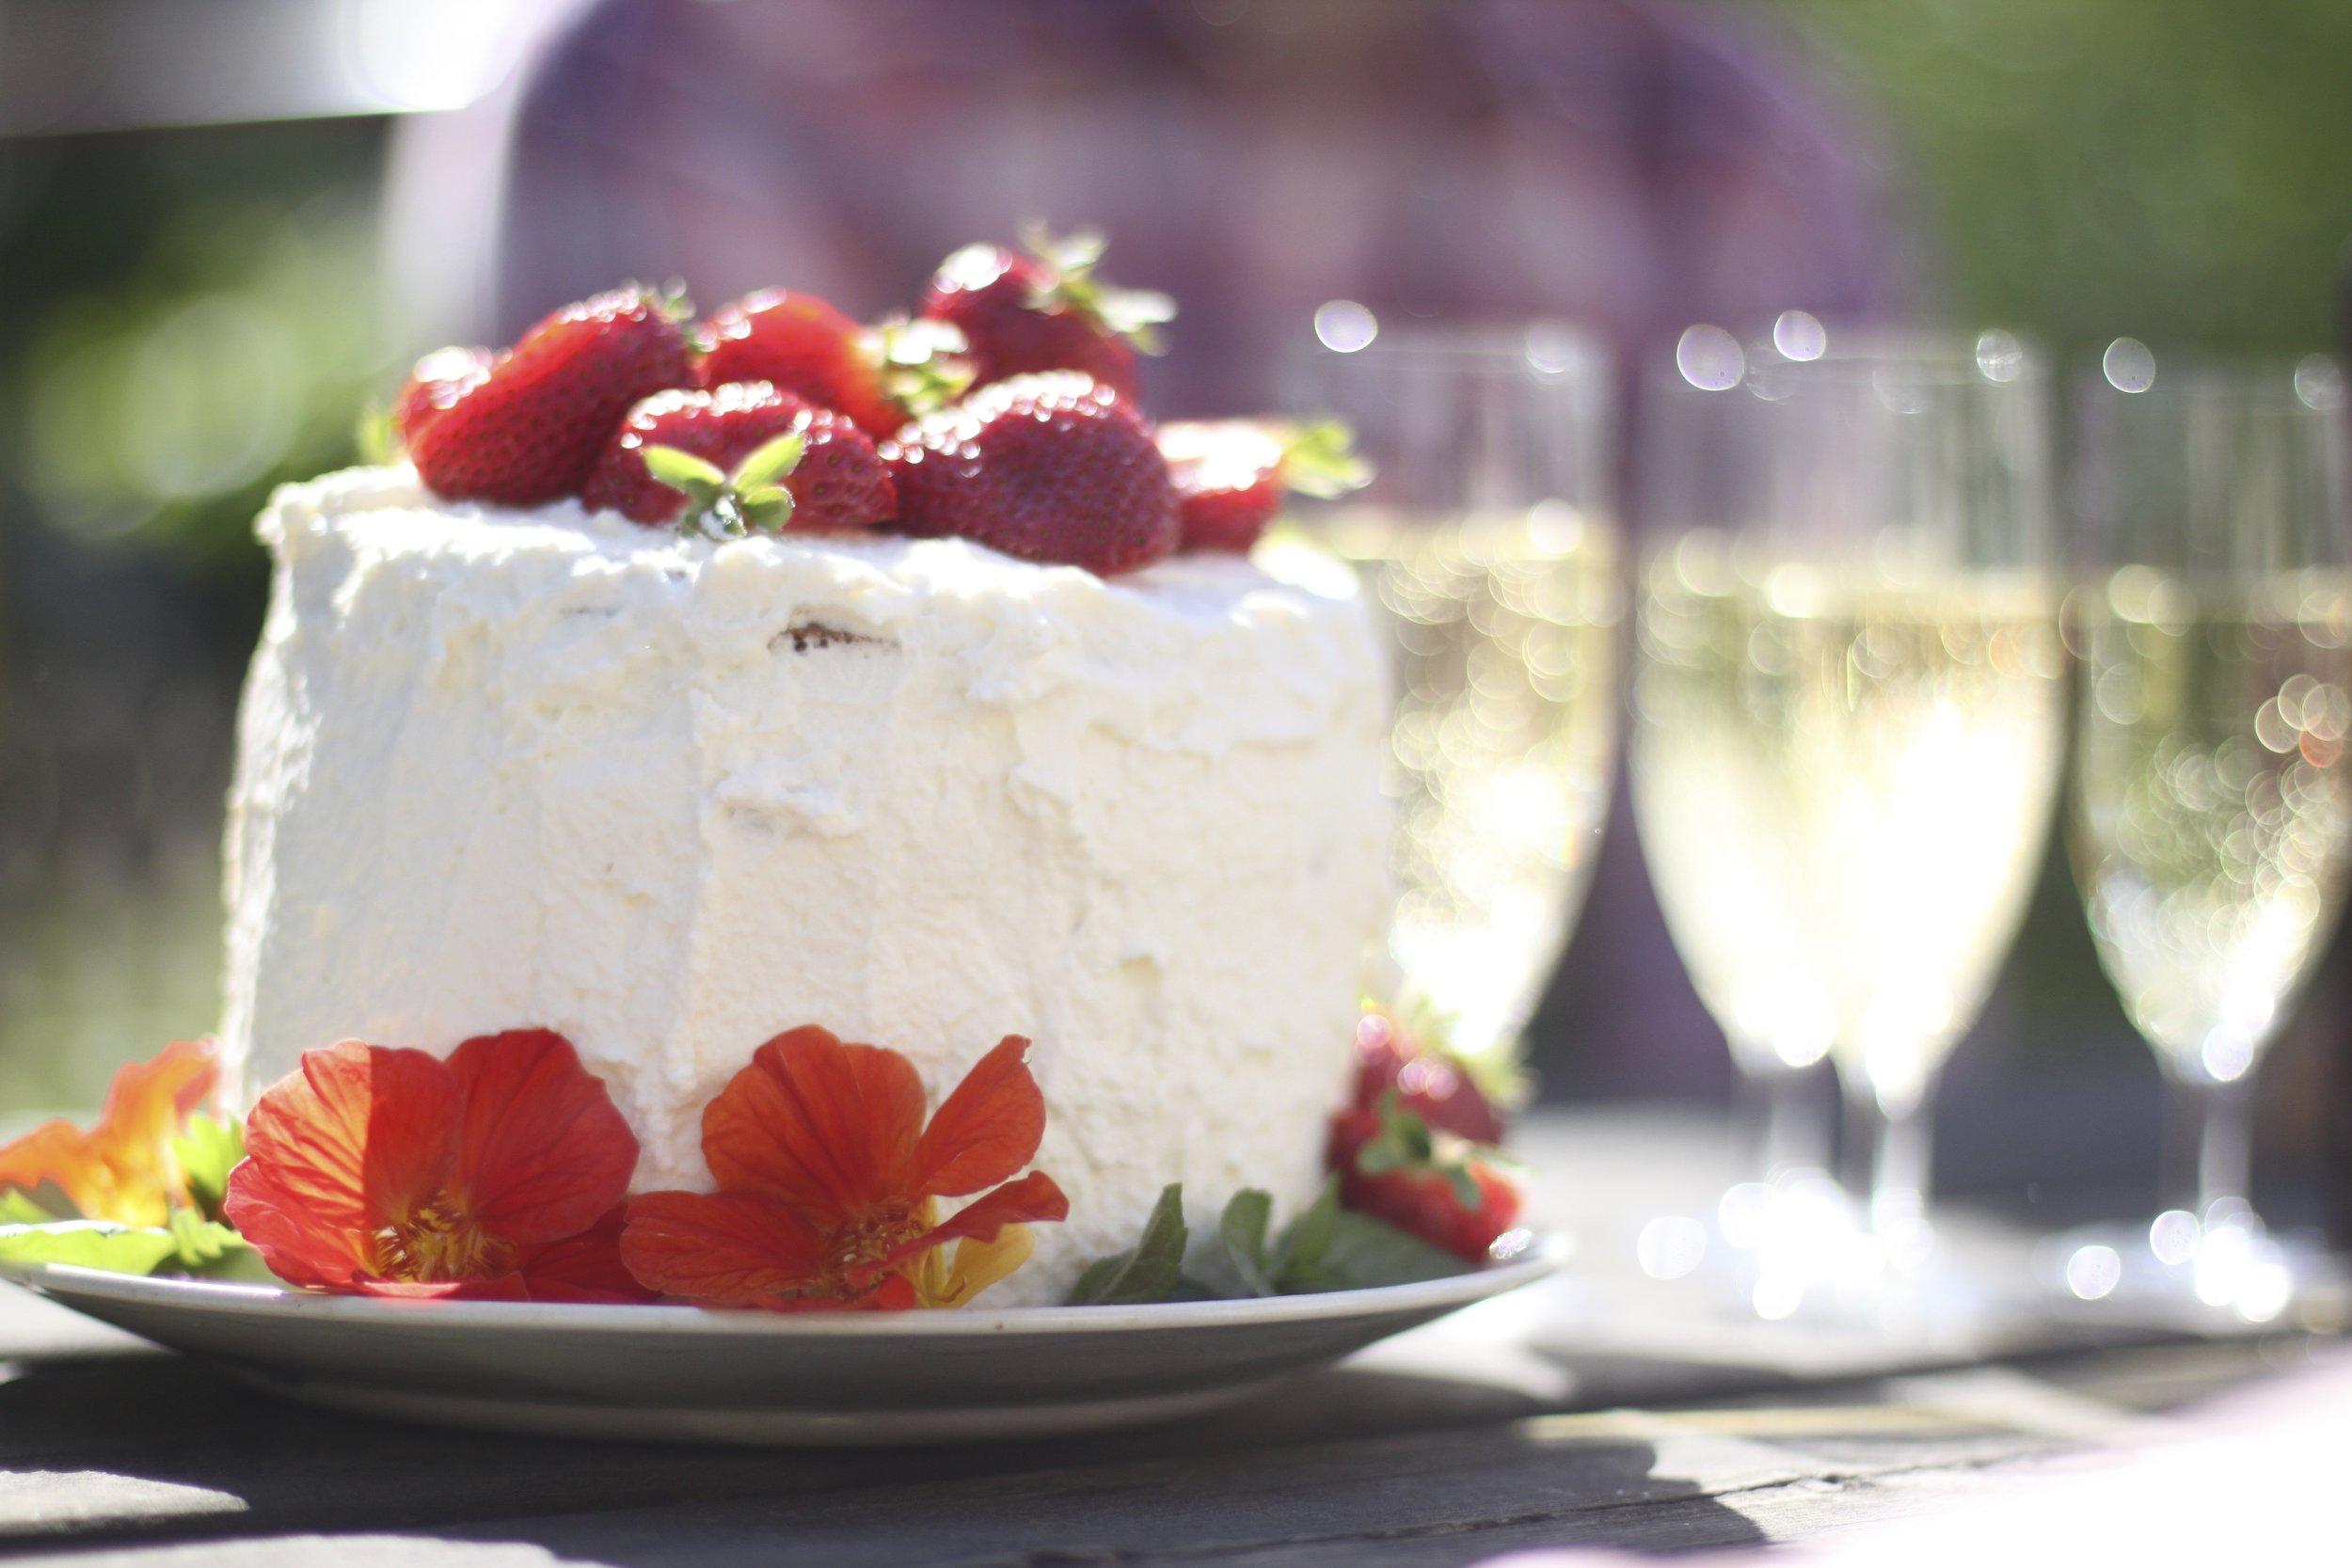 Sommartårta med grädde, jordgubbar och blommor. I bakgrunden syns Champagneglas med bubbel i.